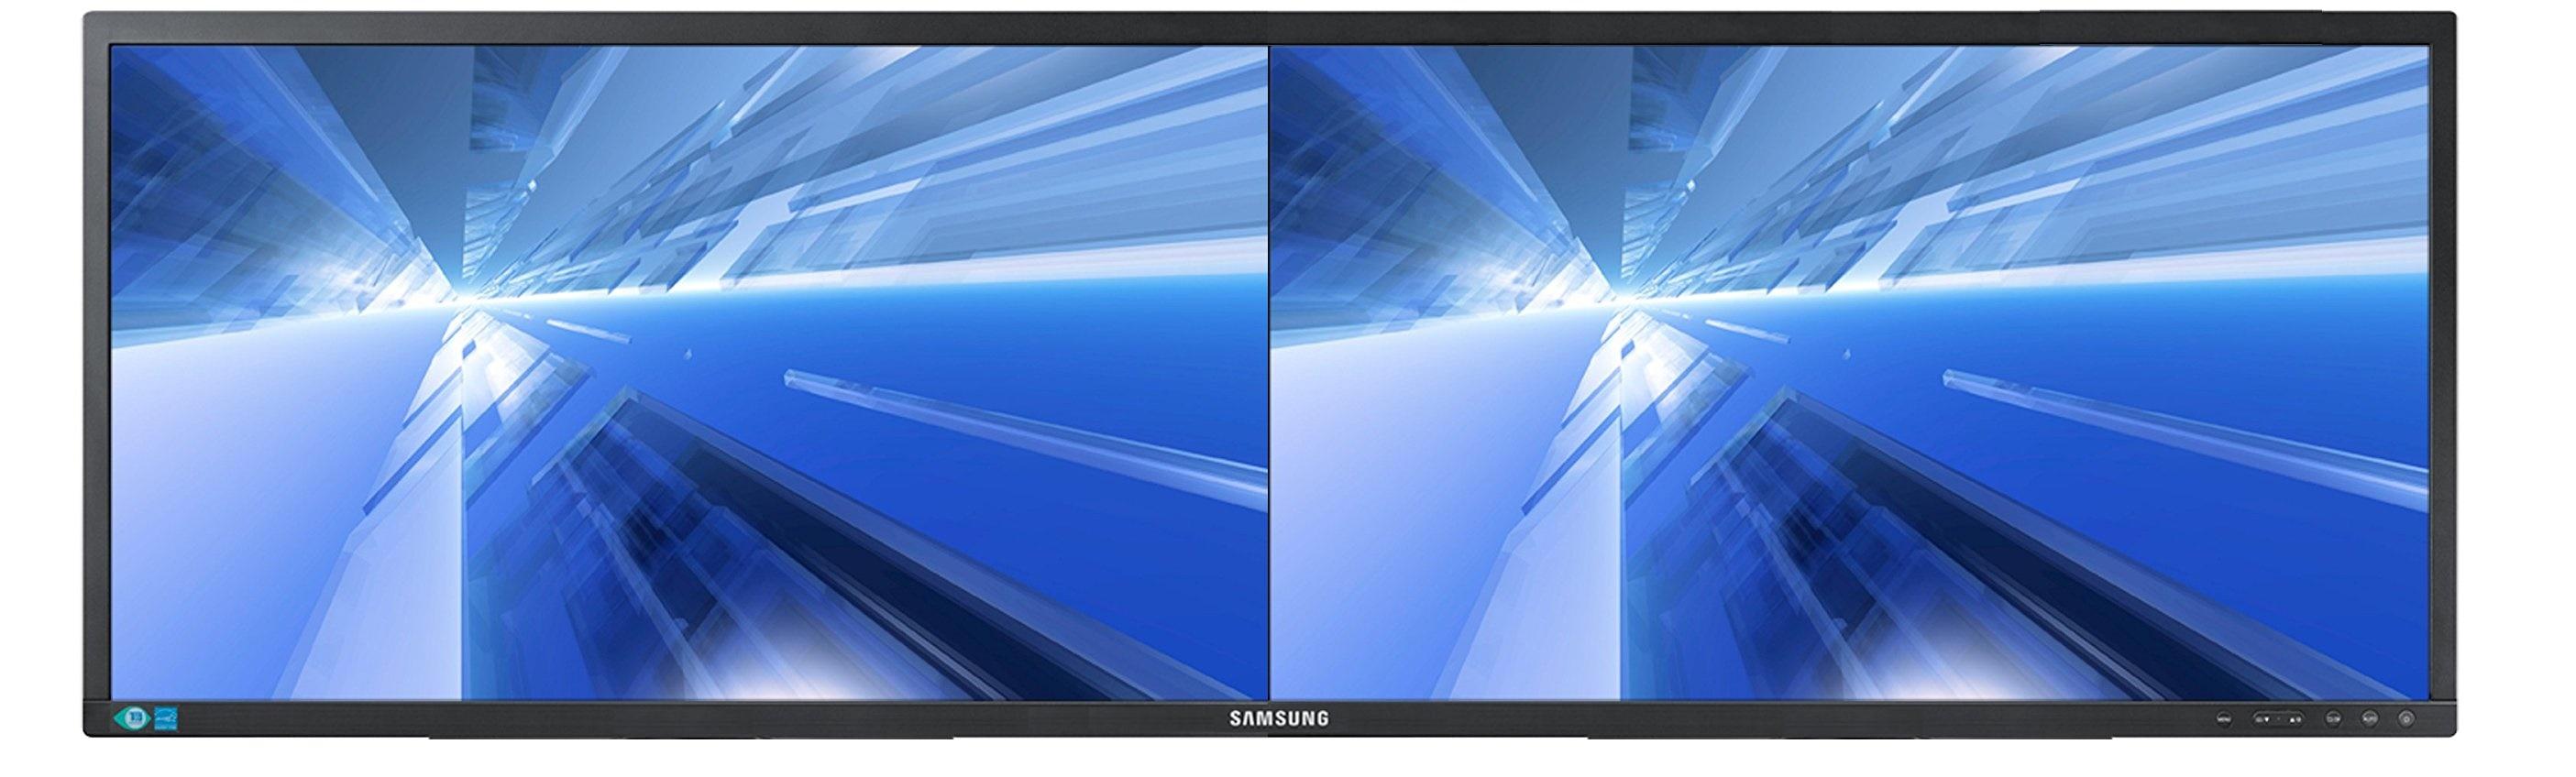 Samsung-monitor-mock up2_600 01